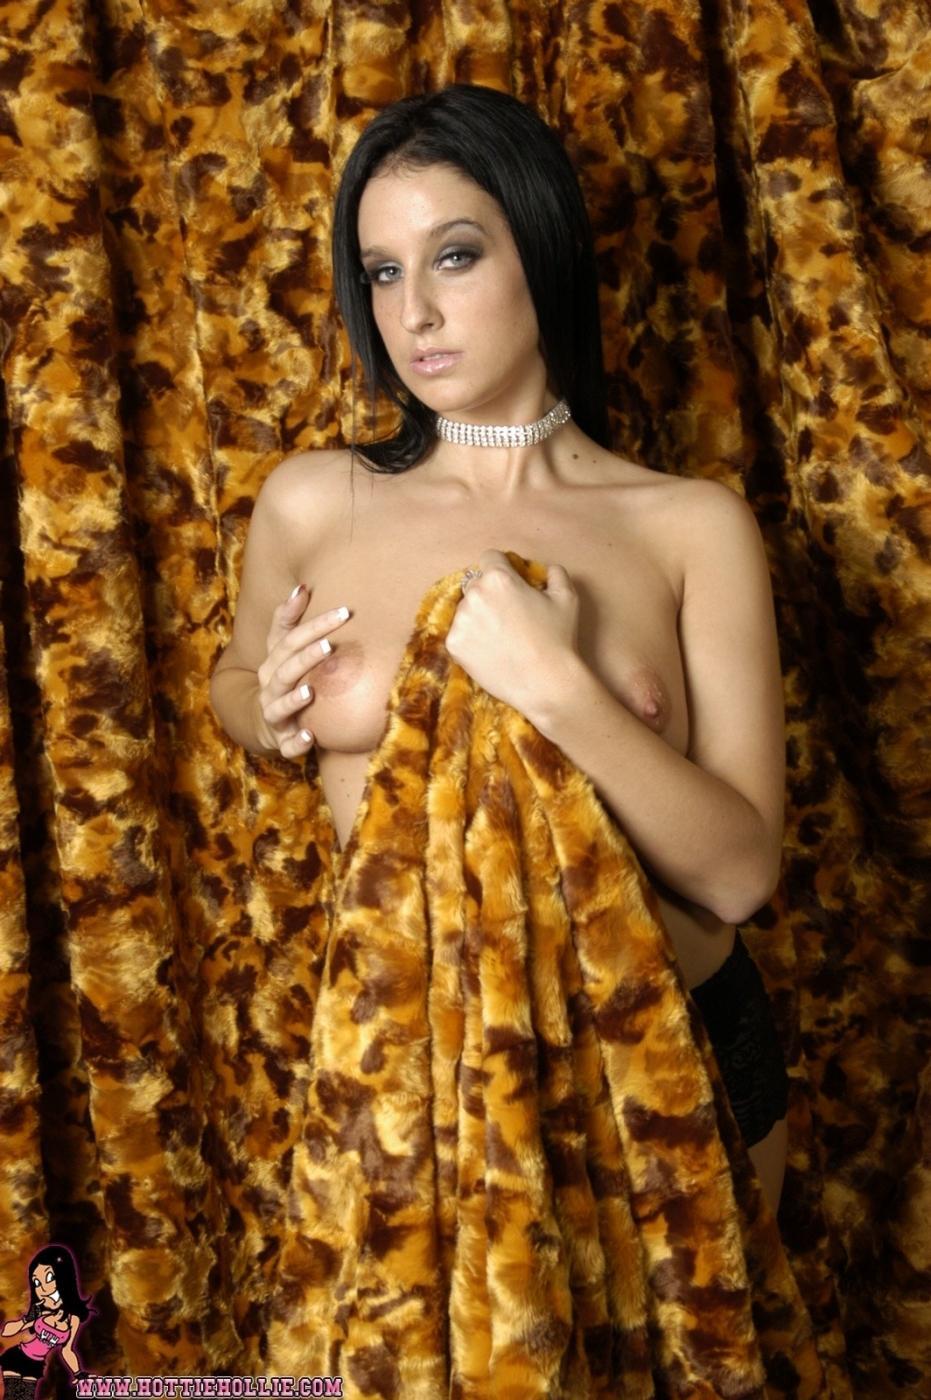 Красотка с волнистыми волосами Hottie Hollie снимает черный лифчик чтоб показать волшебную грудь